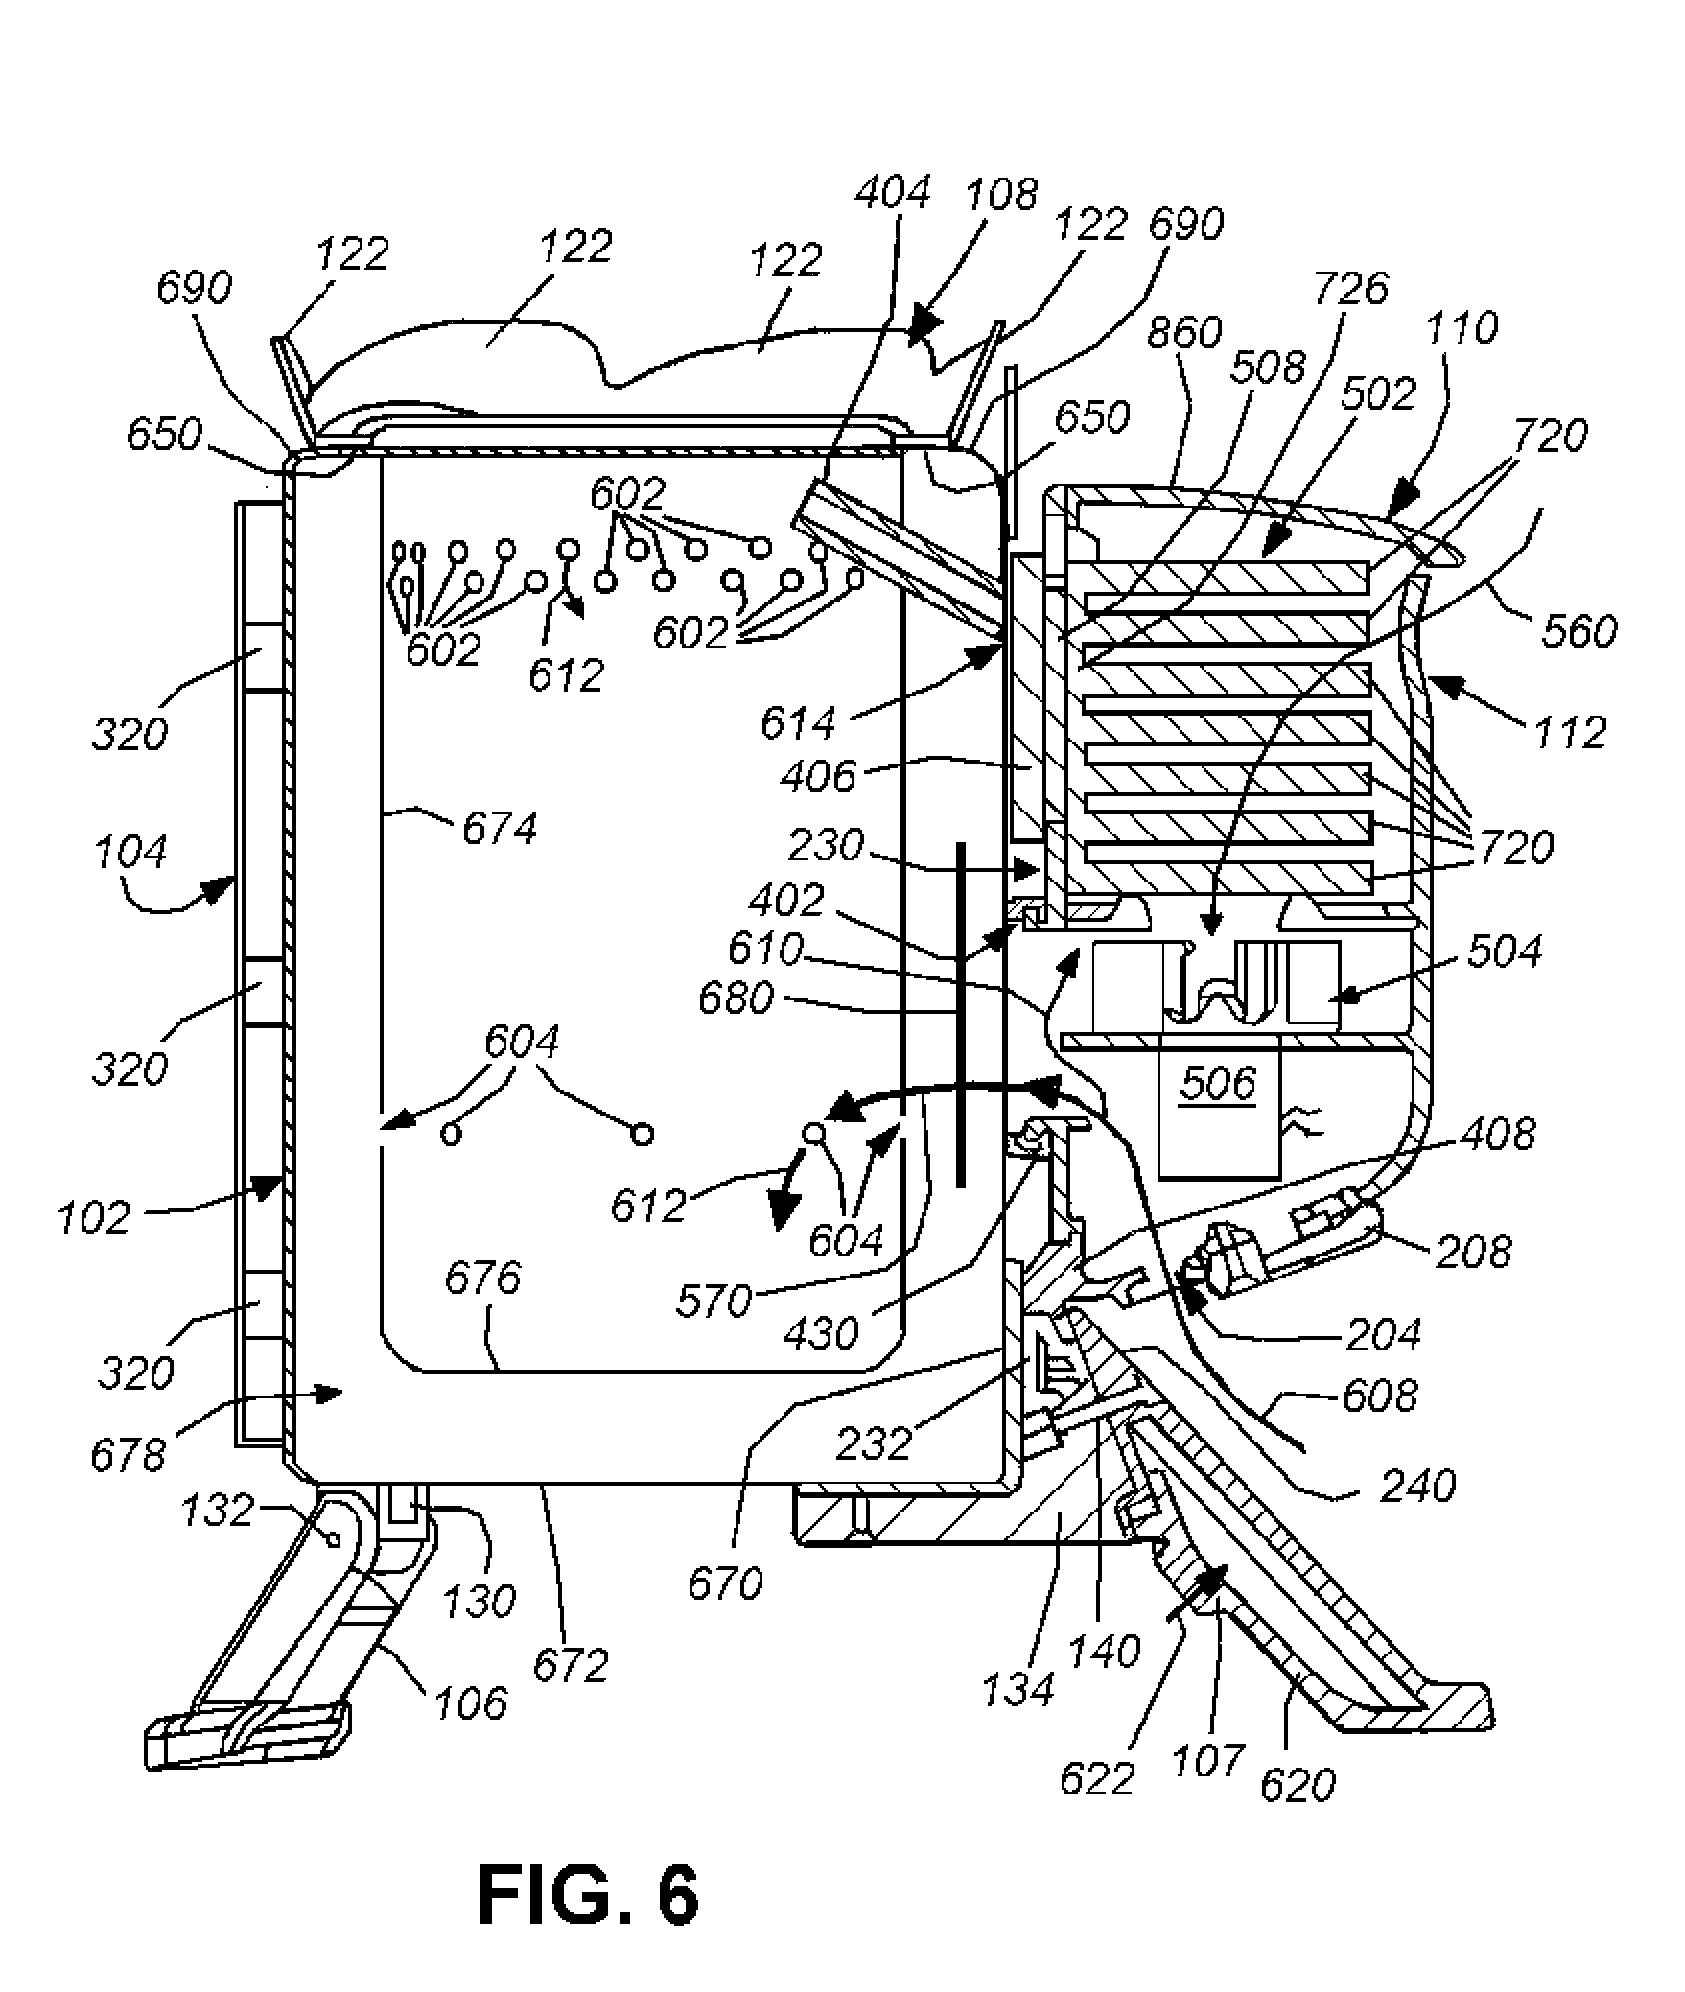 2001 mustang fuse box diagram wiring diagram database 1999 Dodge Caravan Fuse Box